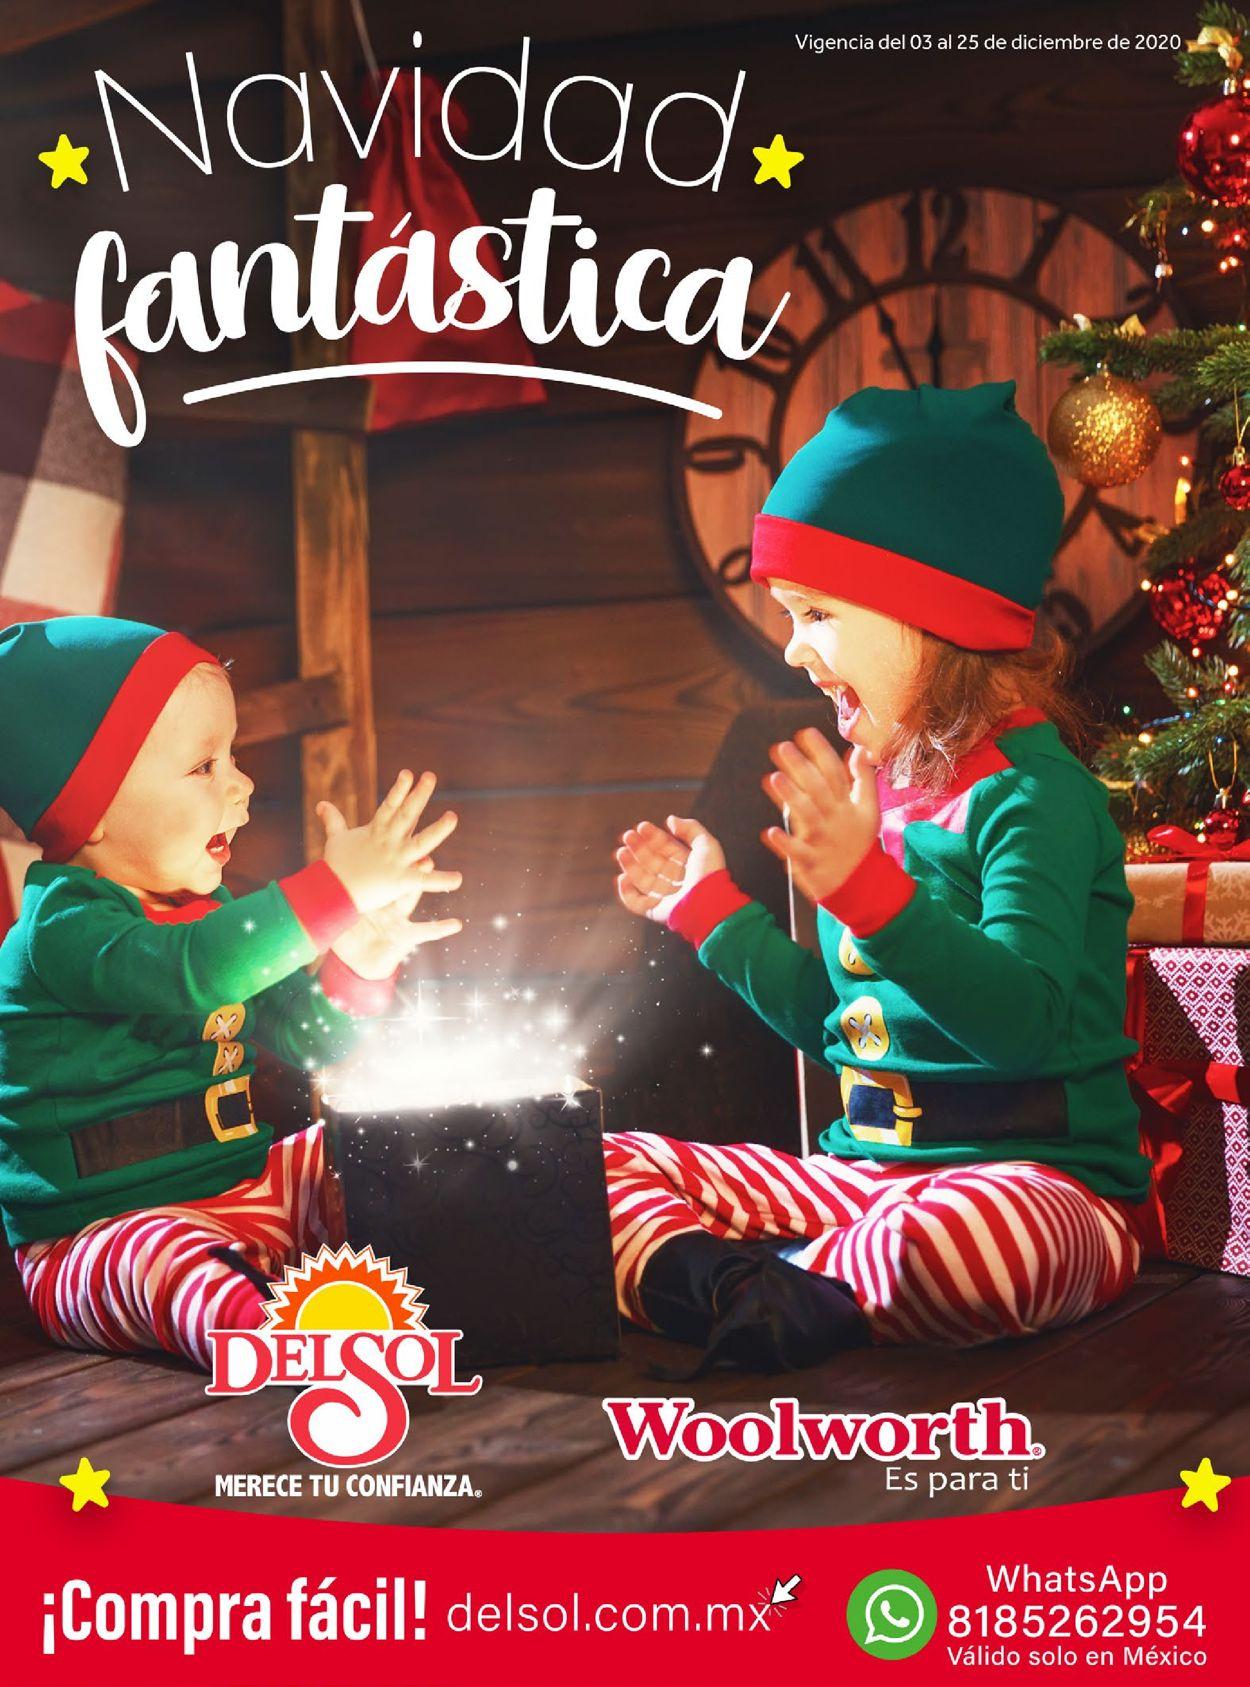 Woolworth - Navidad 2020 Folleto - 02.12-25.12.2020